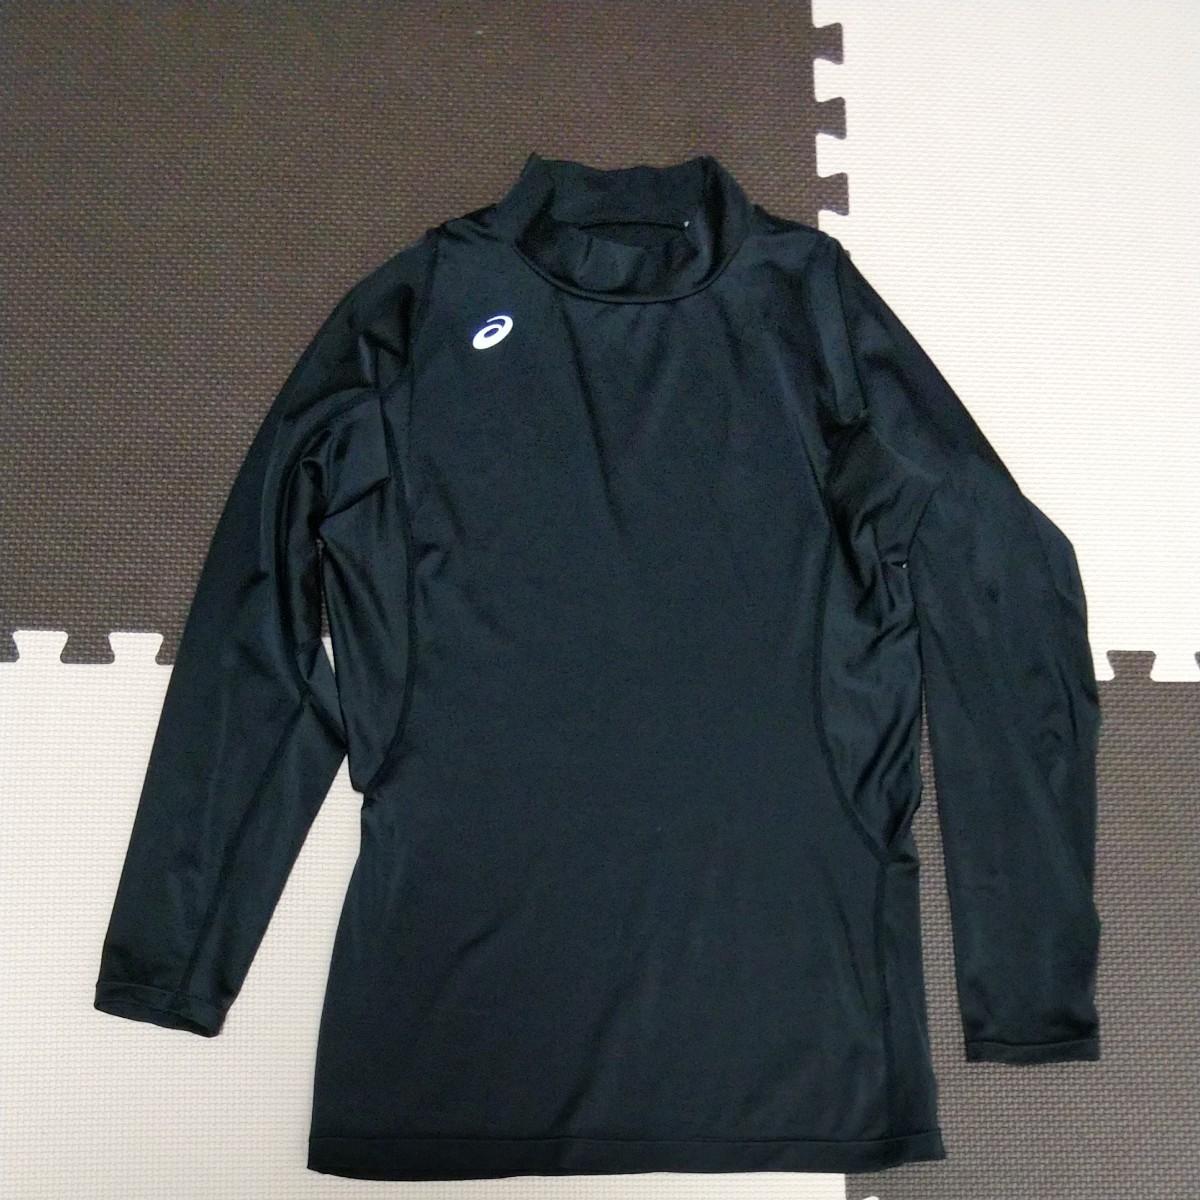 ハイネックロングスリーブシャツ サイズL   ASICS アシックス  (XA3809) 長袖